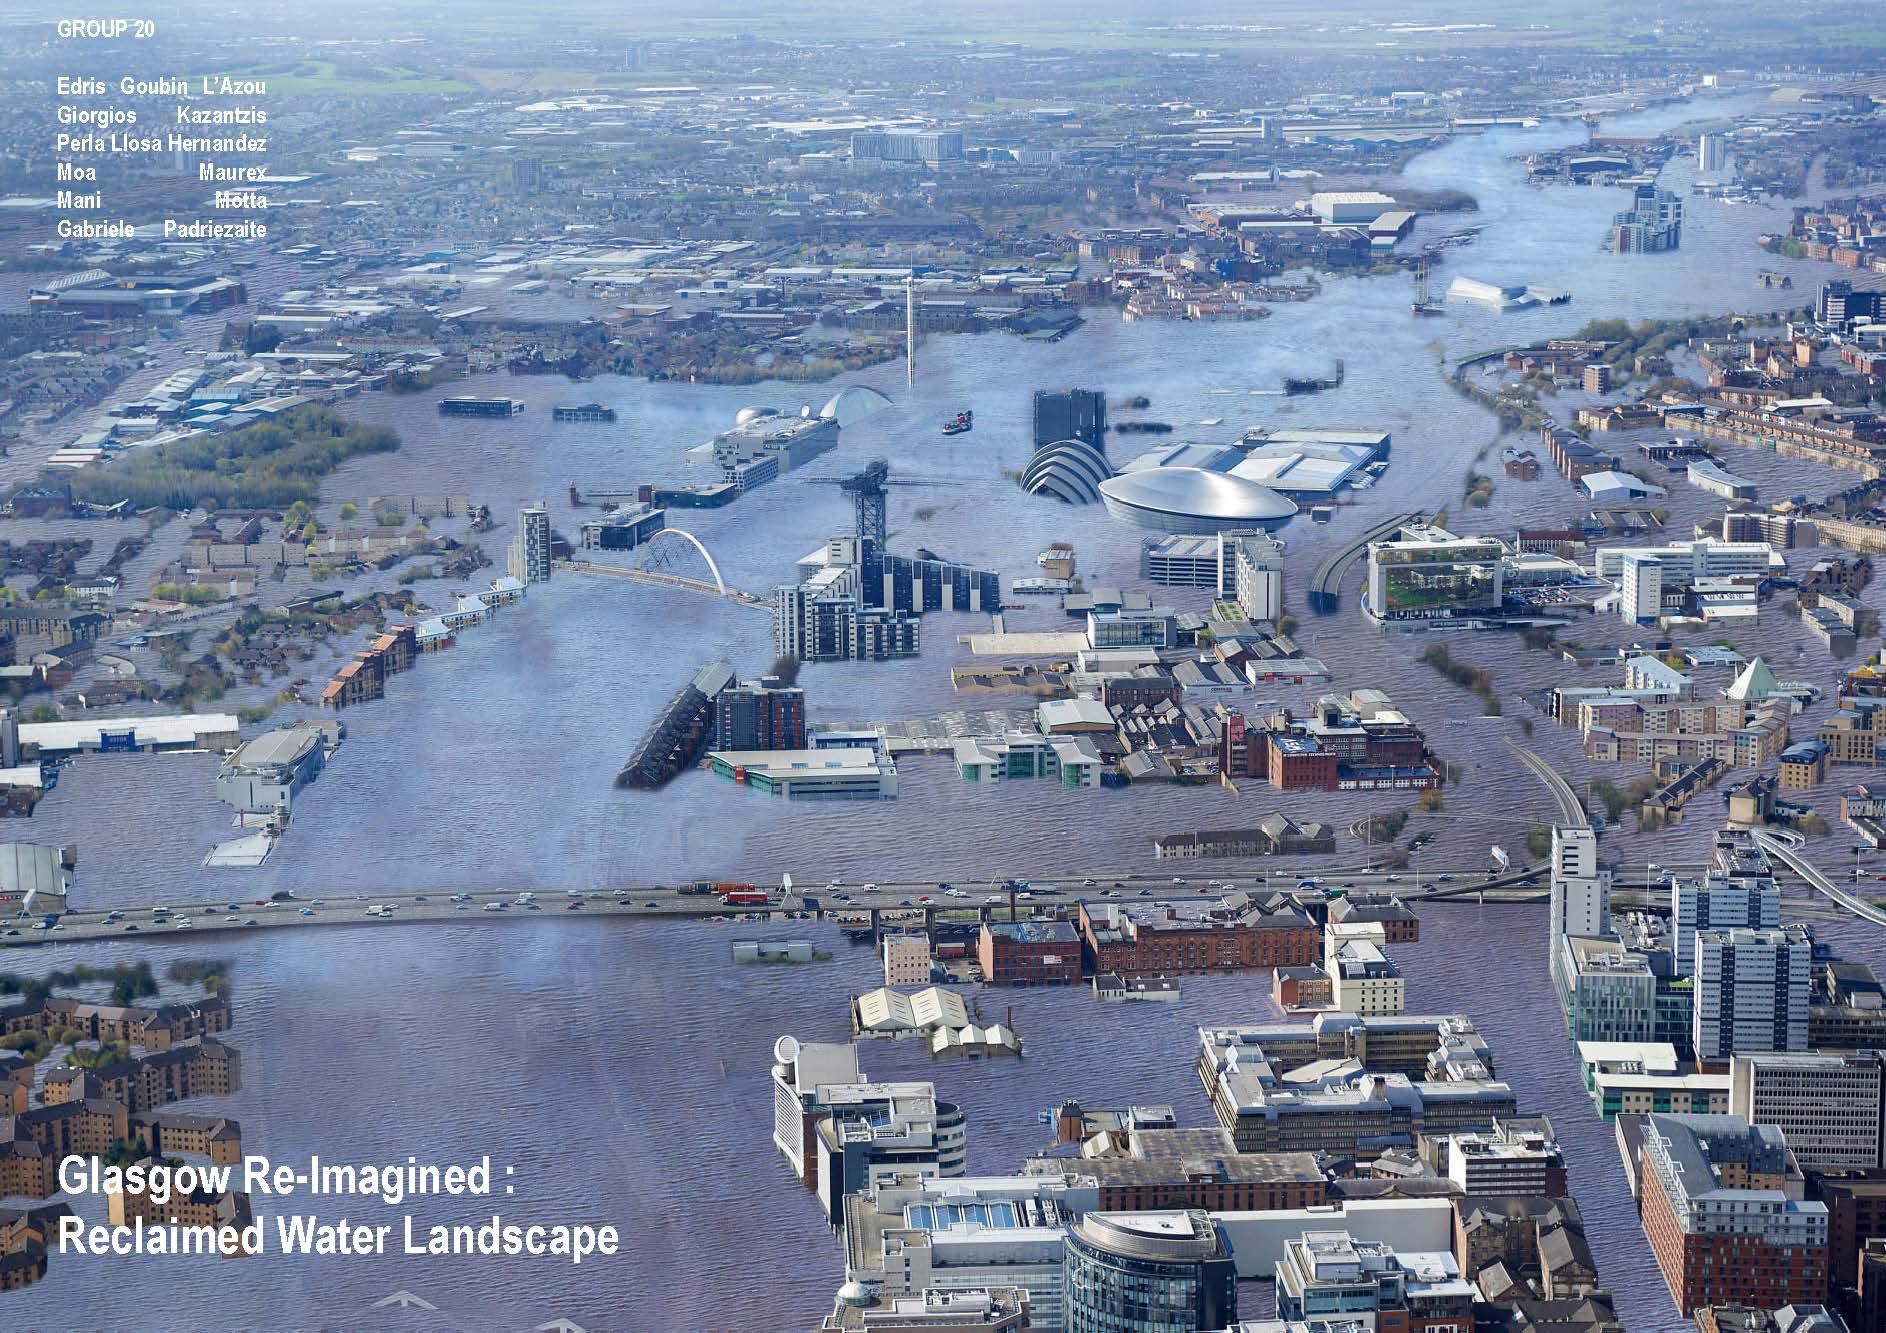 Reclaimed Water Landscape